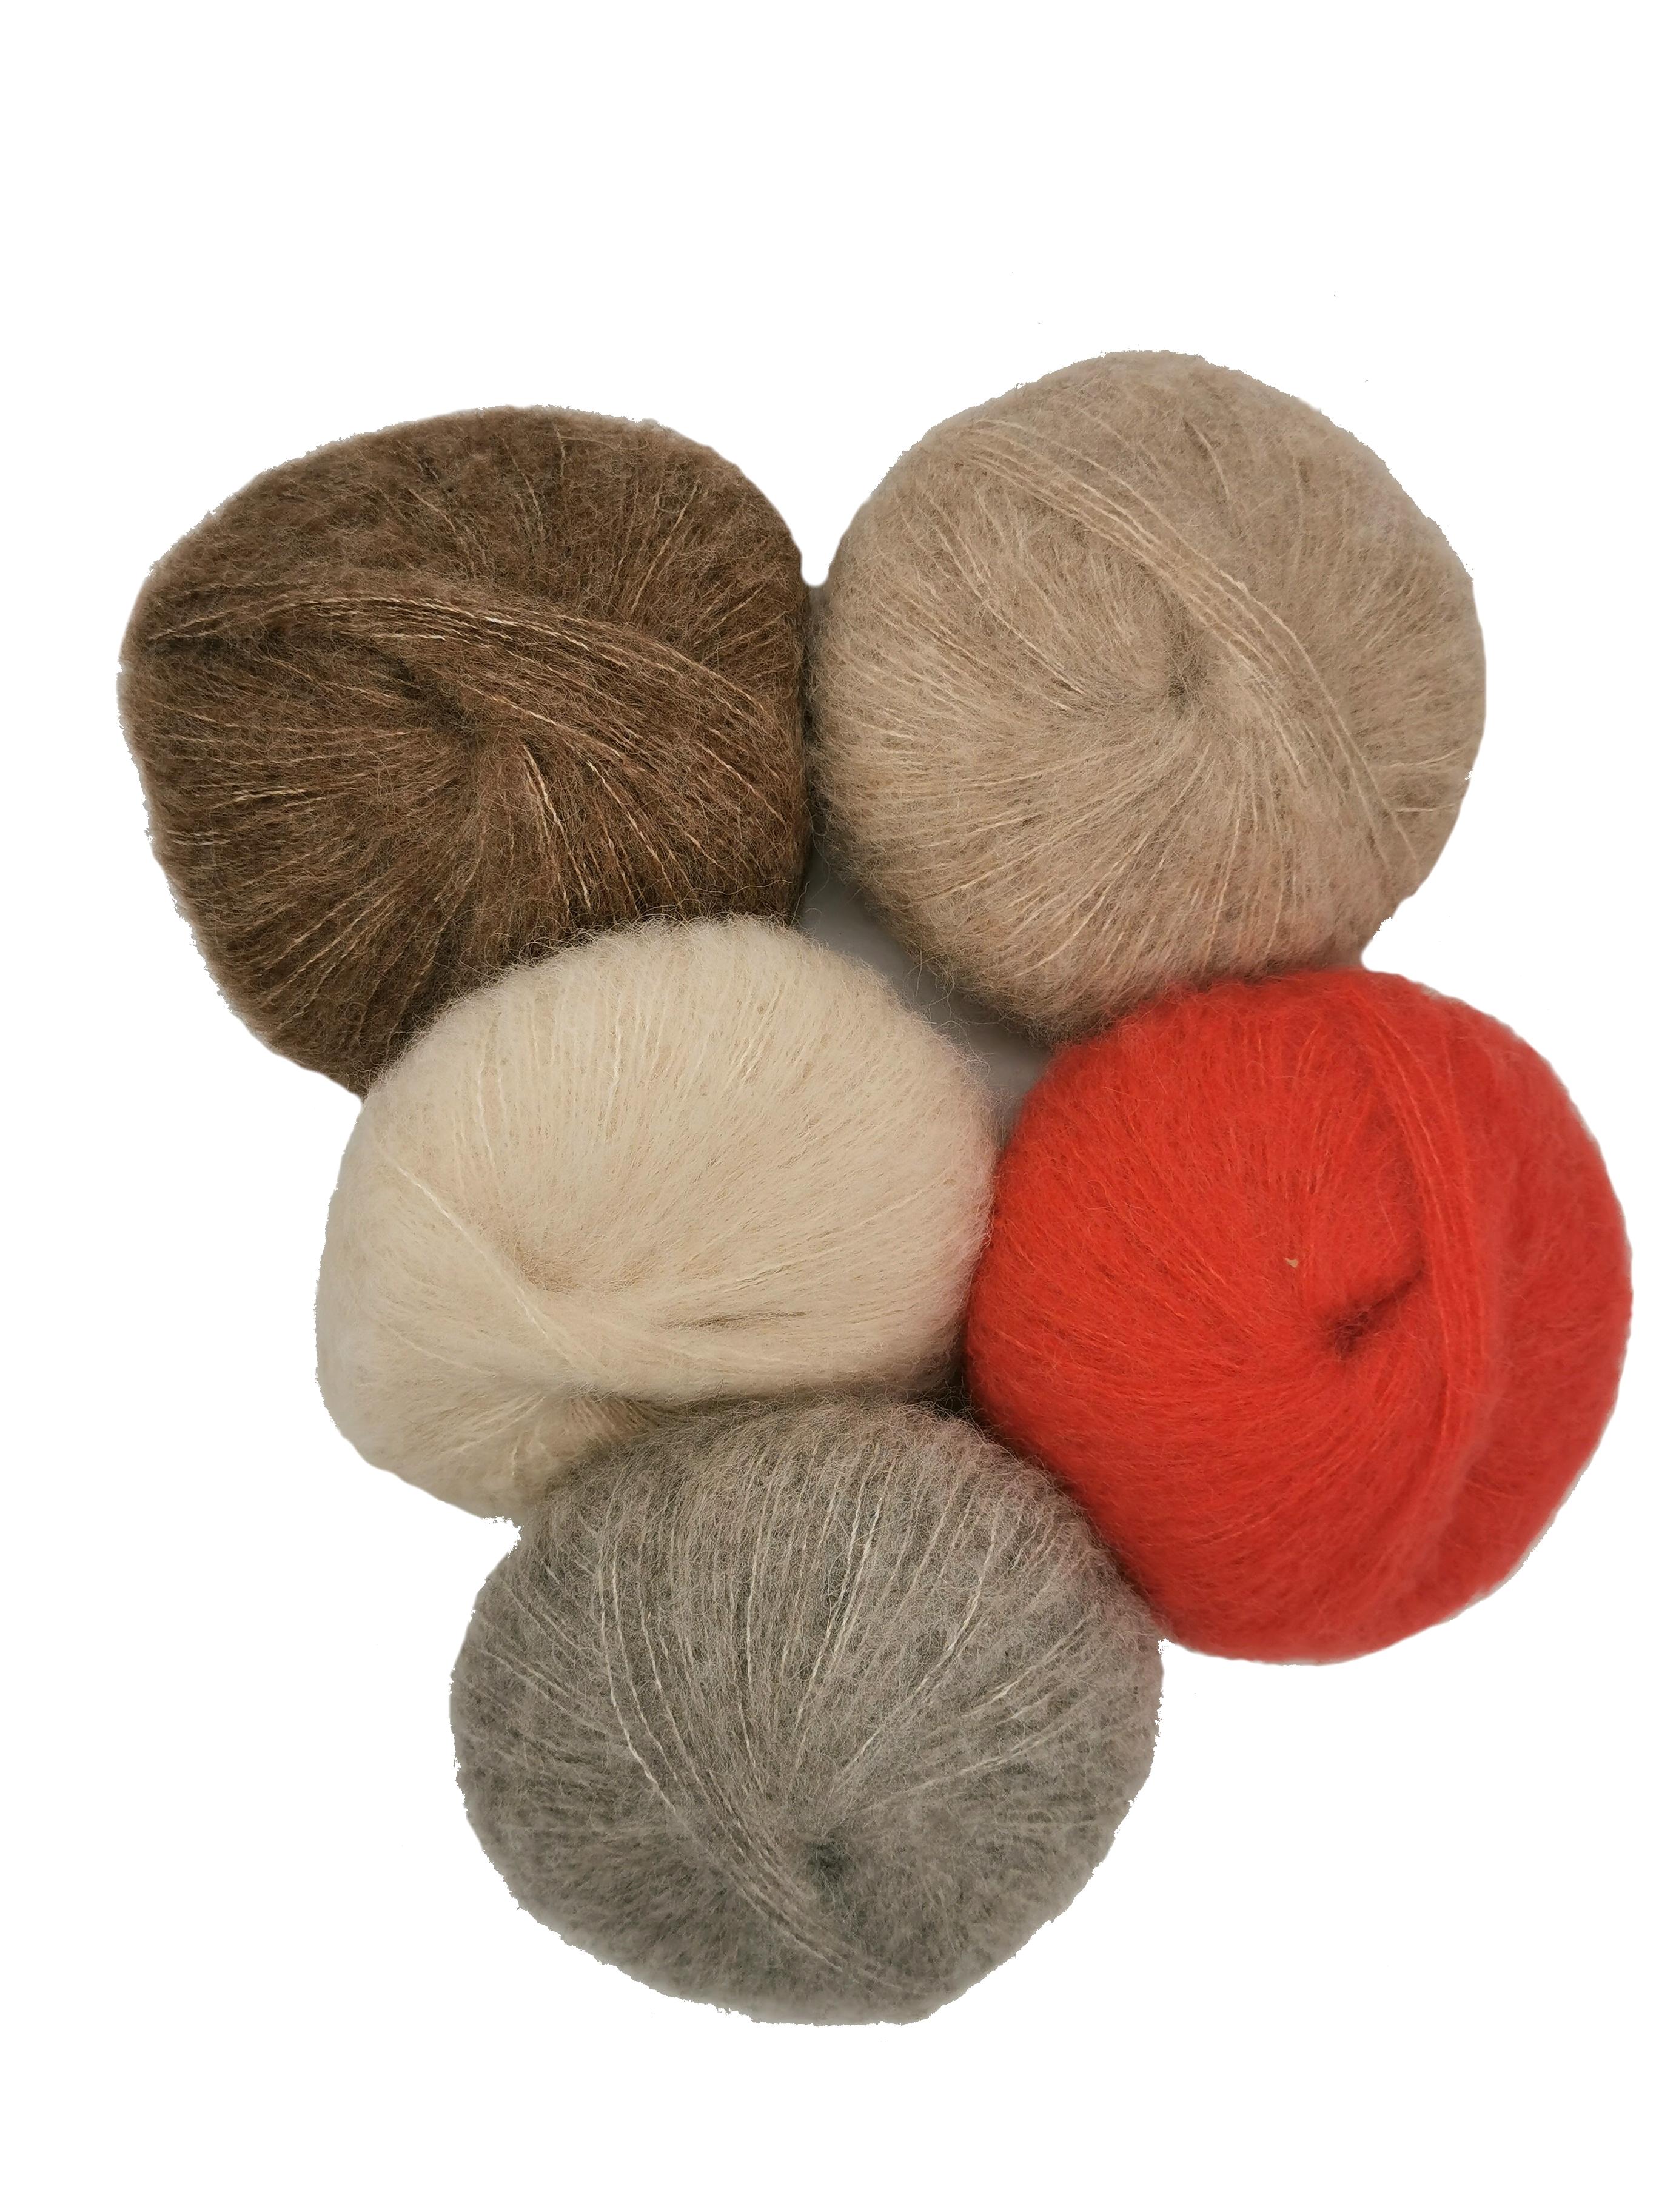 Flauschige Alpaka-Silk-Wolle in vielen verschiedenen Farben